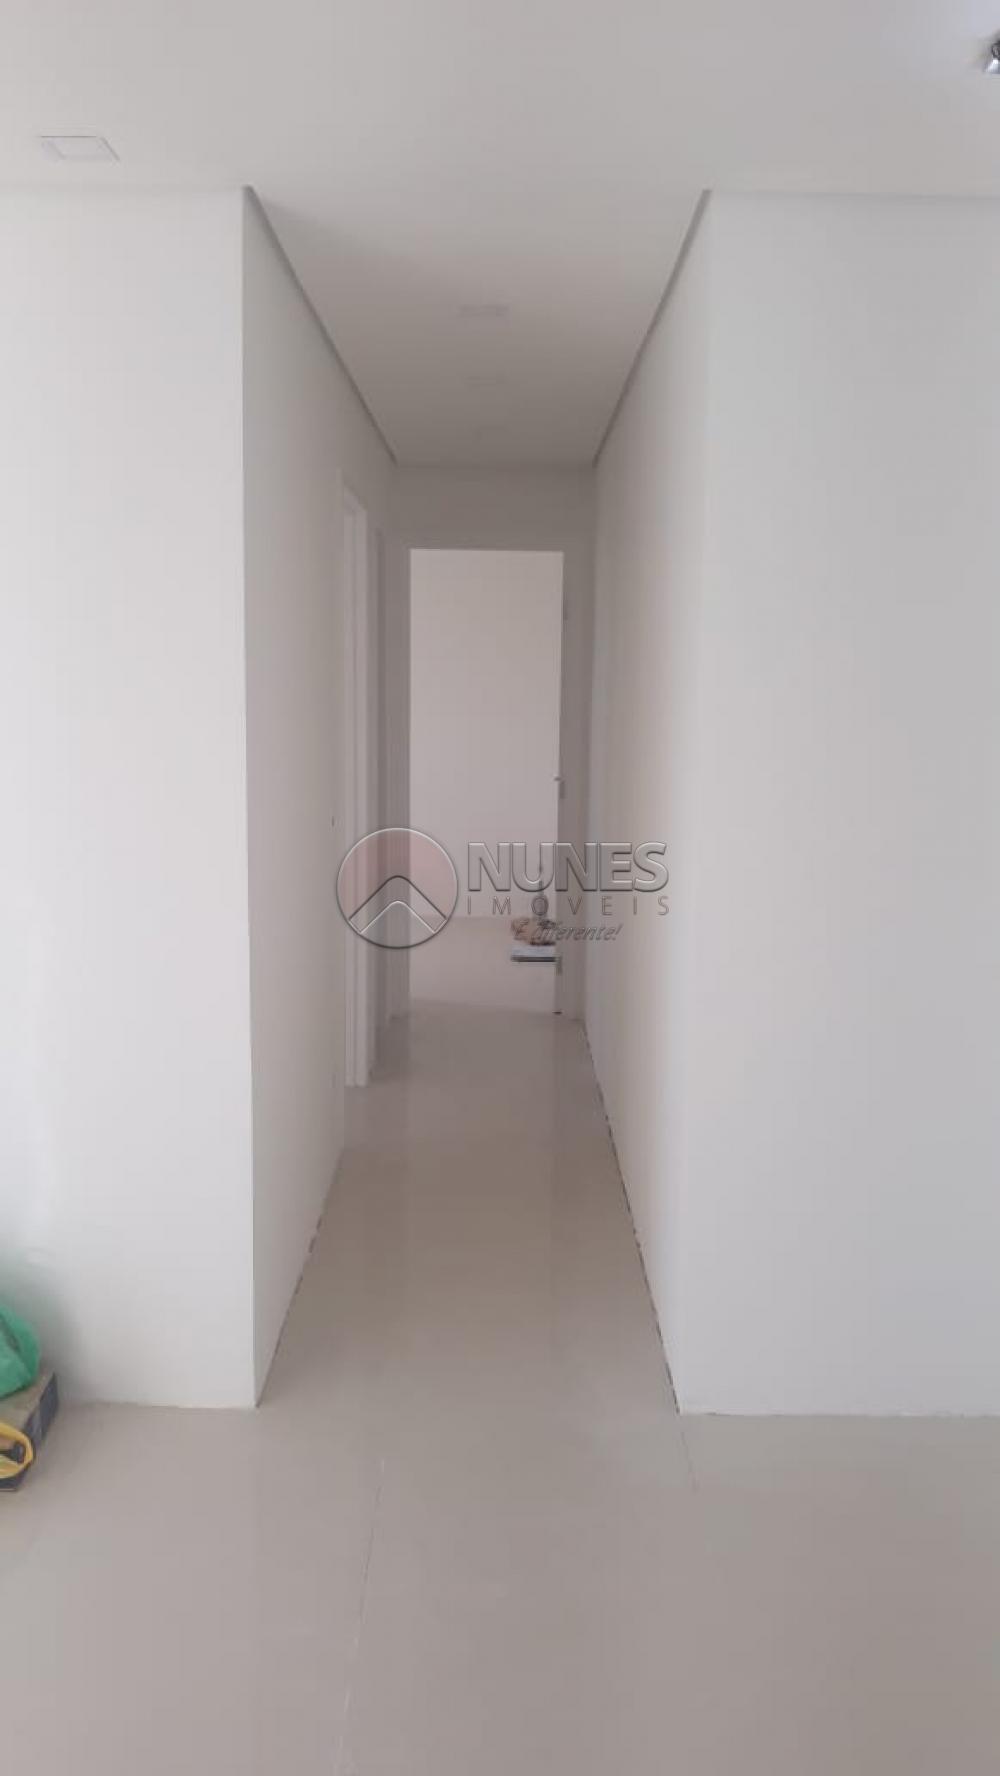 Comprar Apartamento / Padrão em Carapicuíba apenas R$ 280.000,00 - Foto 4